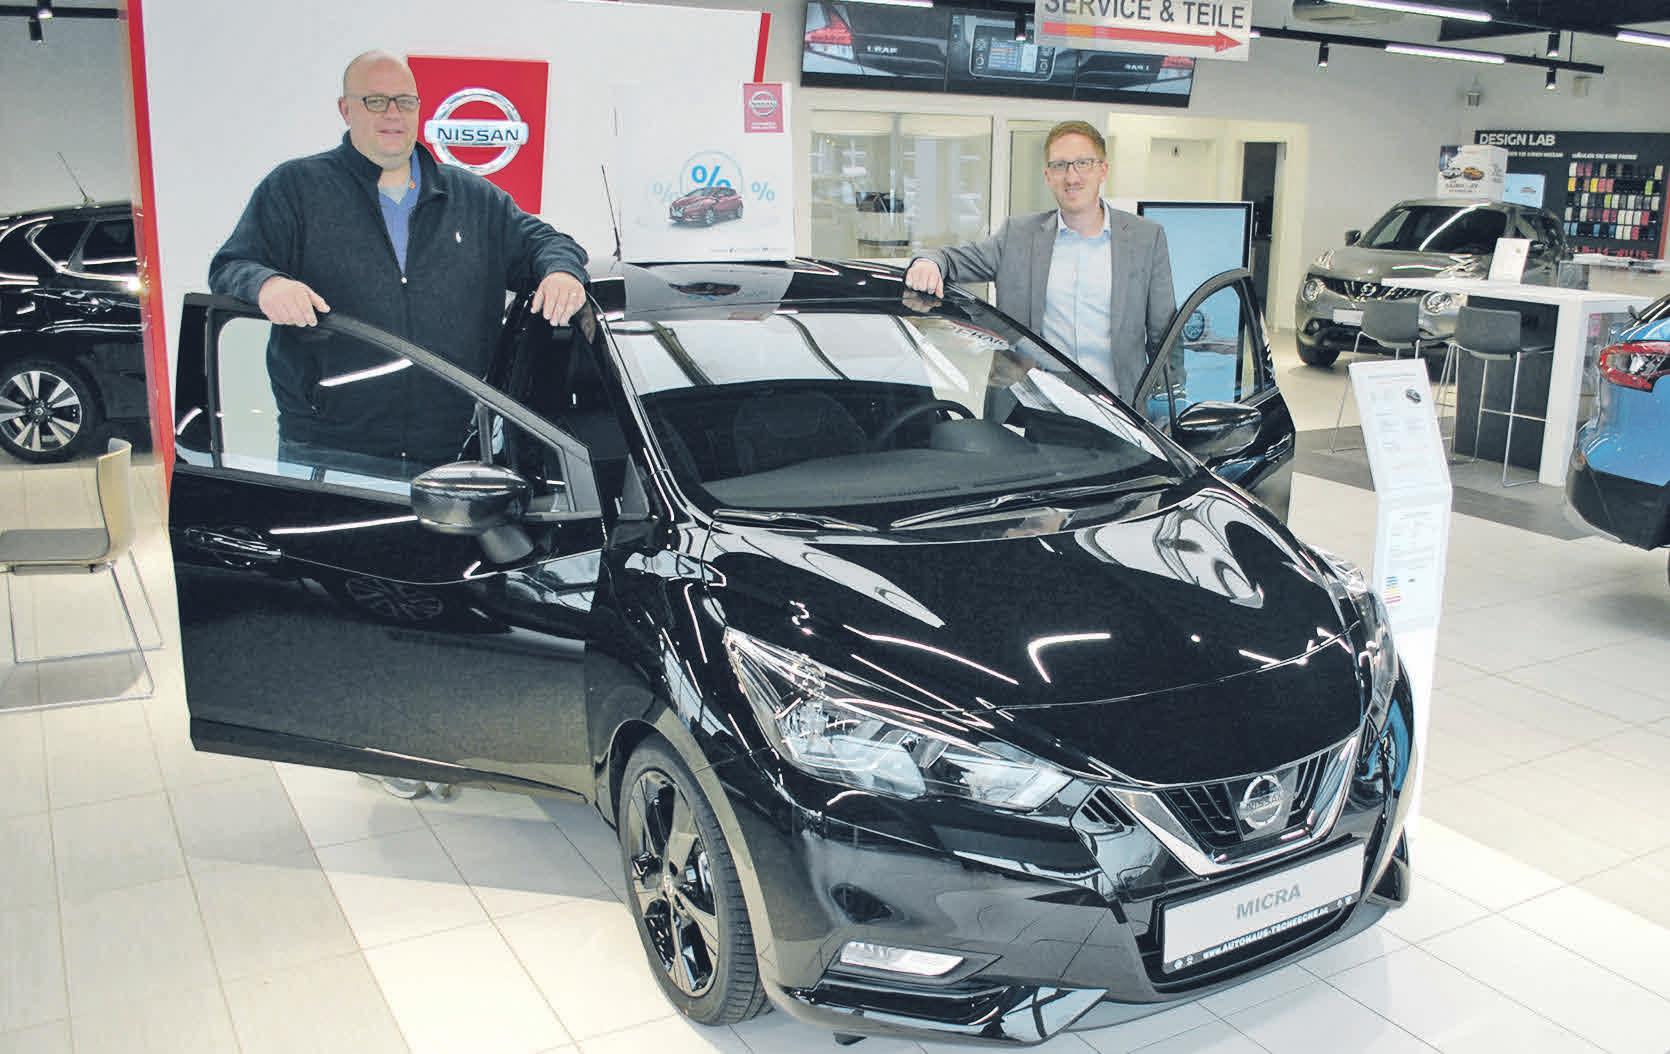 Dennis Tschesche (rechts) und Sascha Tonink, Verkaufsberater Renault, Nissan und Dacia, präsentieren den neuen Nissan Micra. Foto: Birthe Kußroll-Ihle